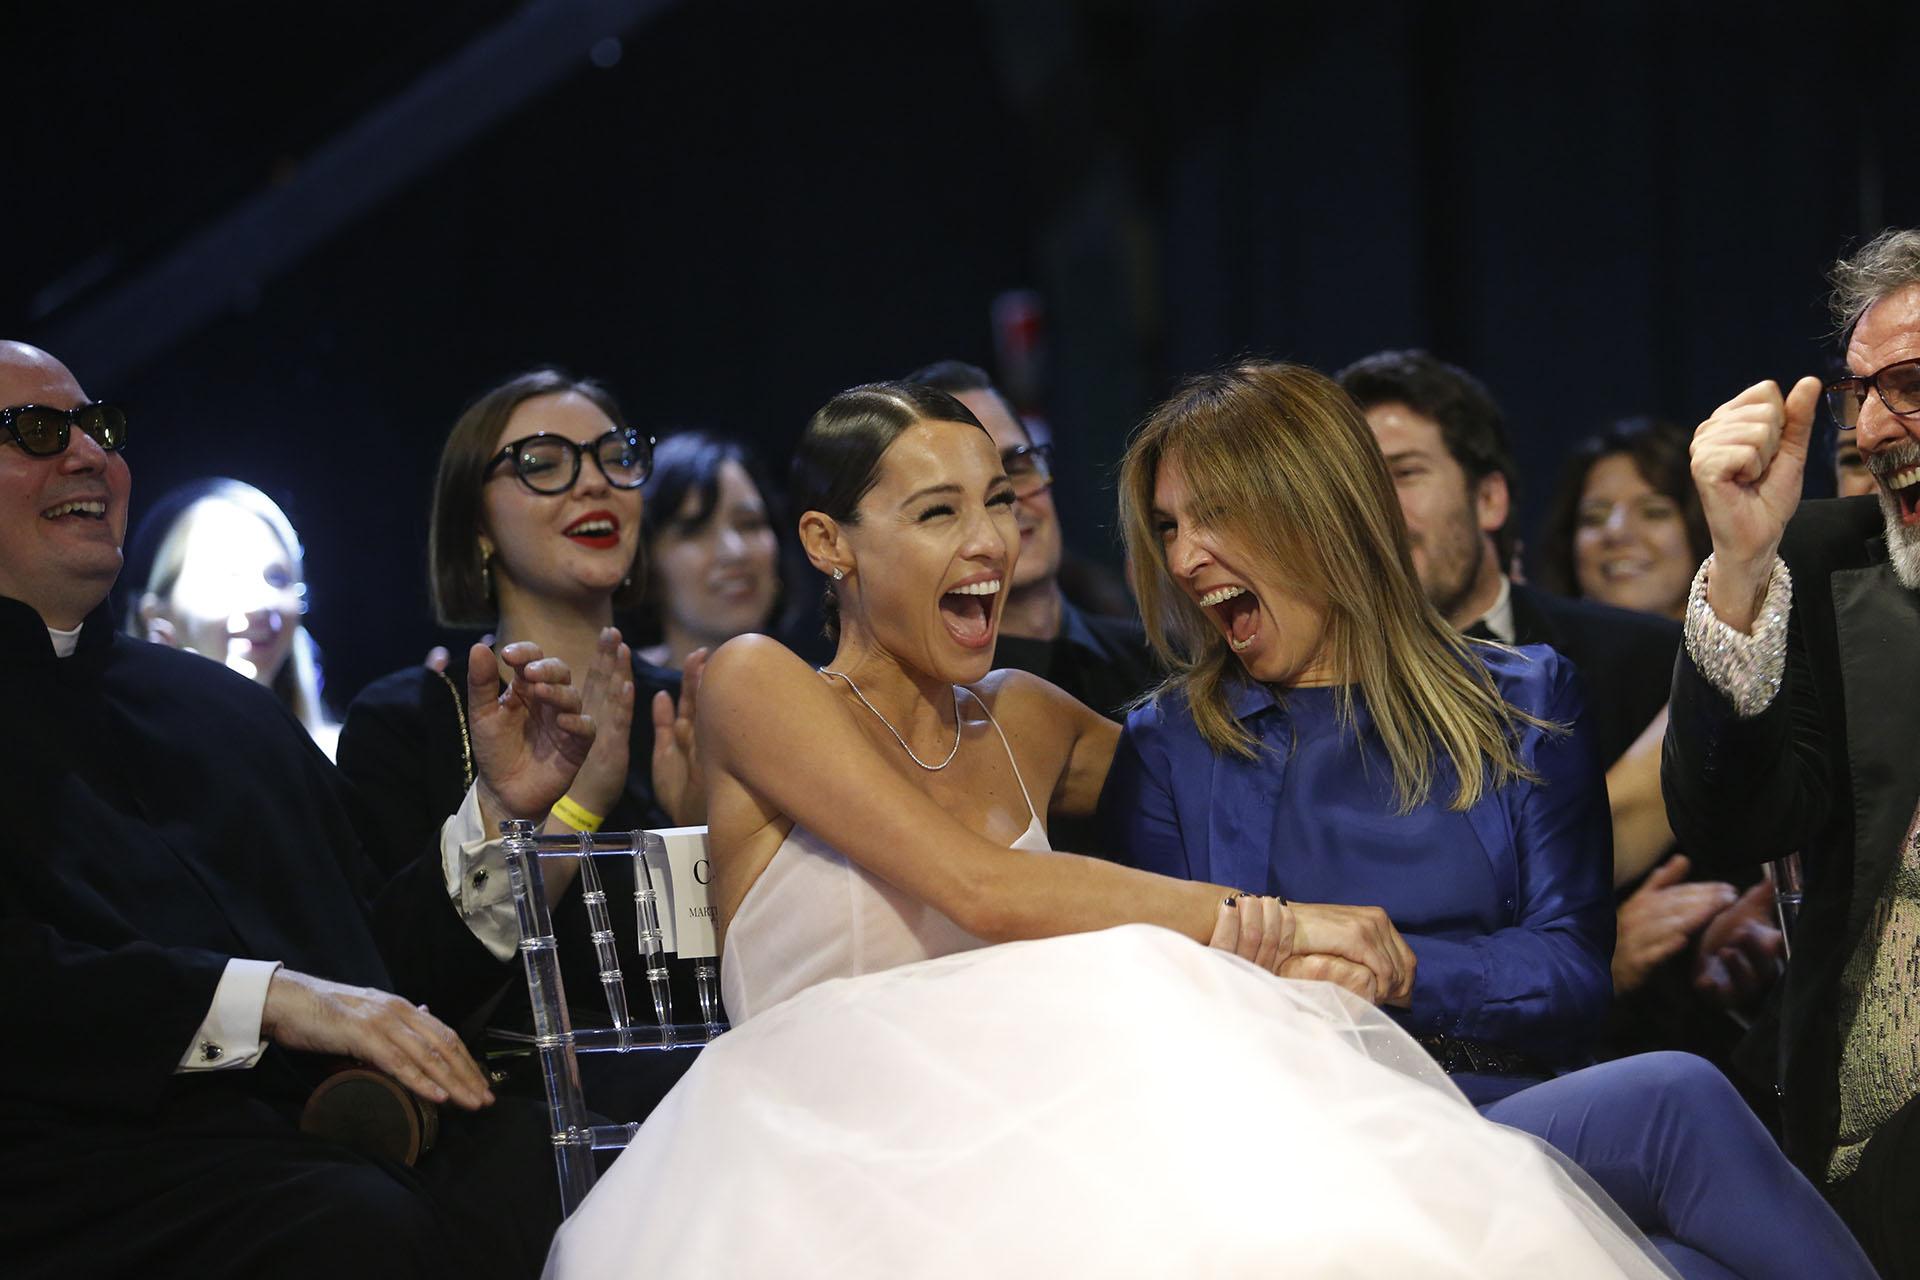 Pampita pasó de la risa a las lágrimas. Fue una noche de mucha emoción donde recordó a su hija Blanquita, y también a su madre y a su abuela que le enseñaron a coser